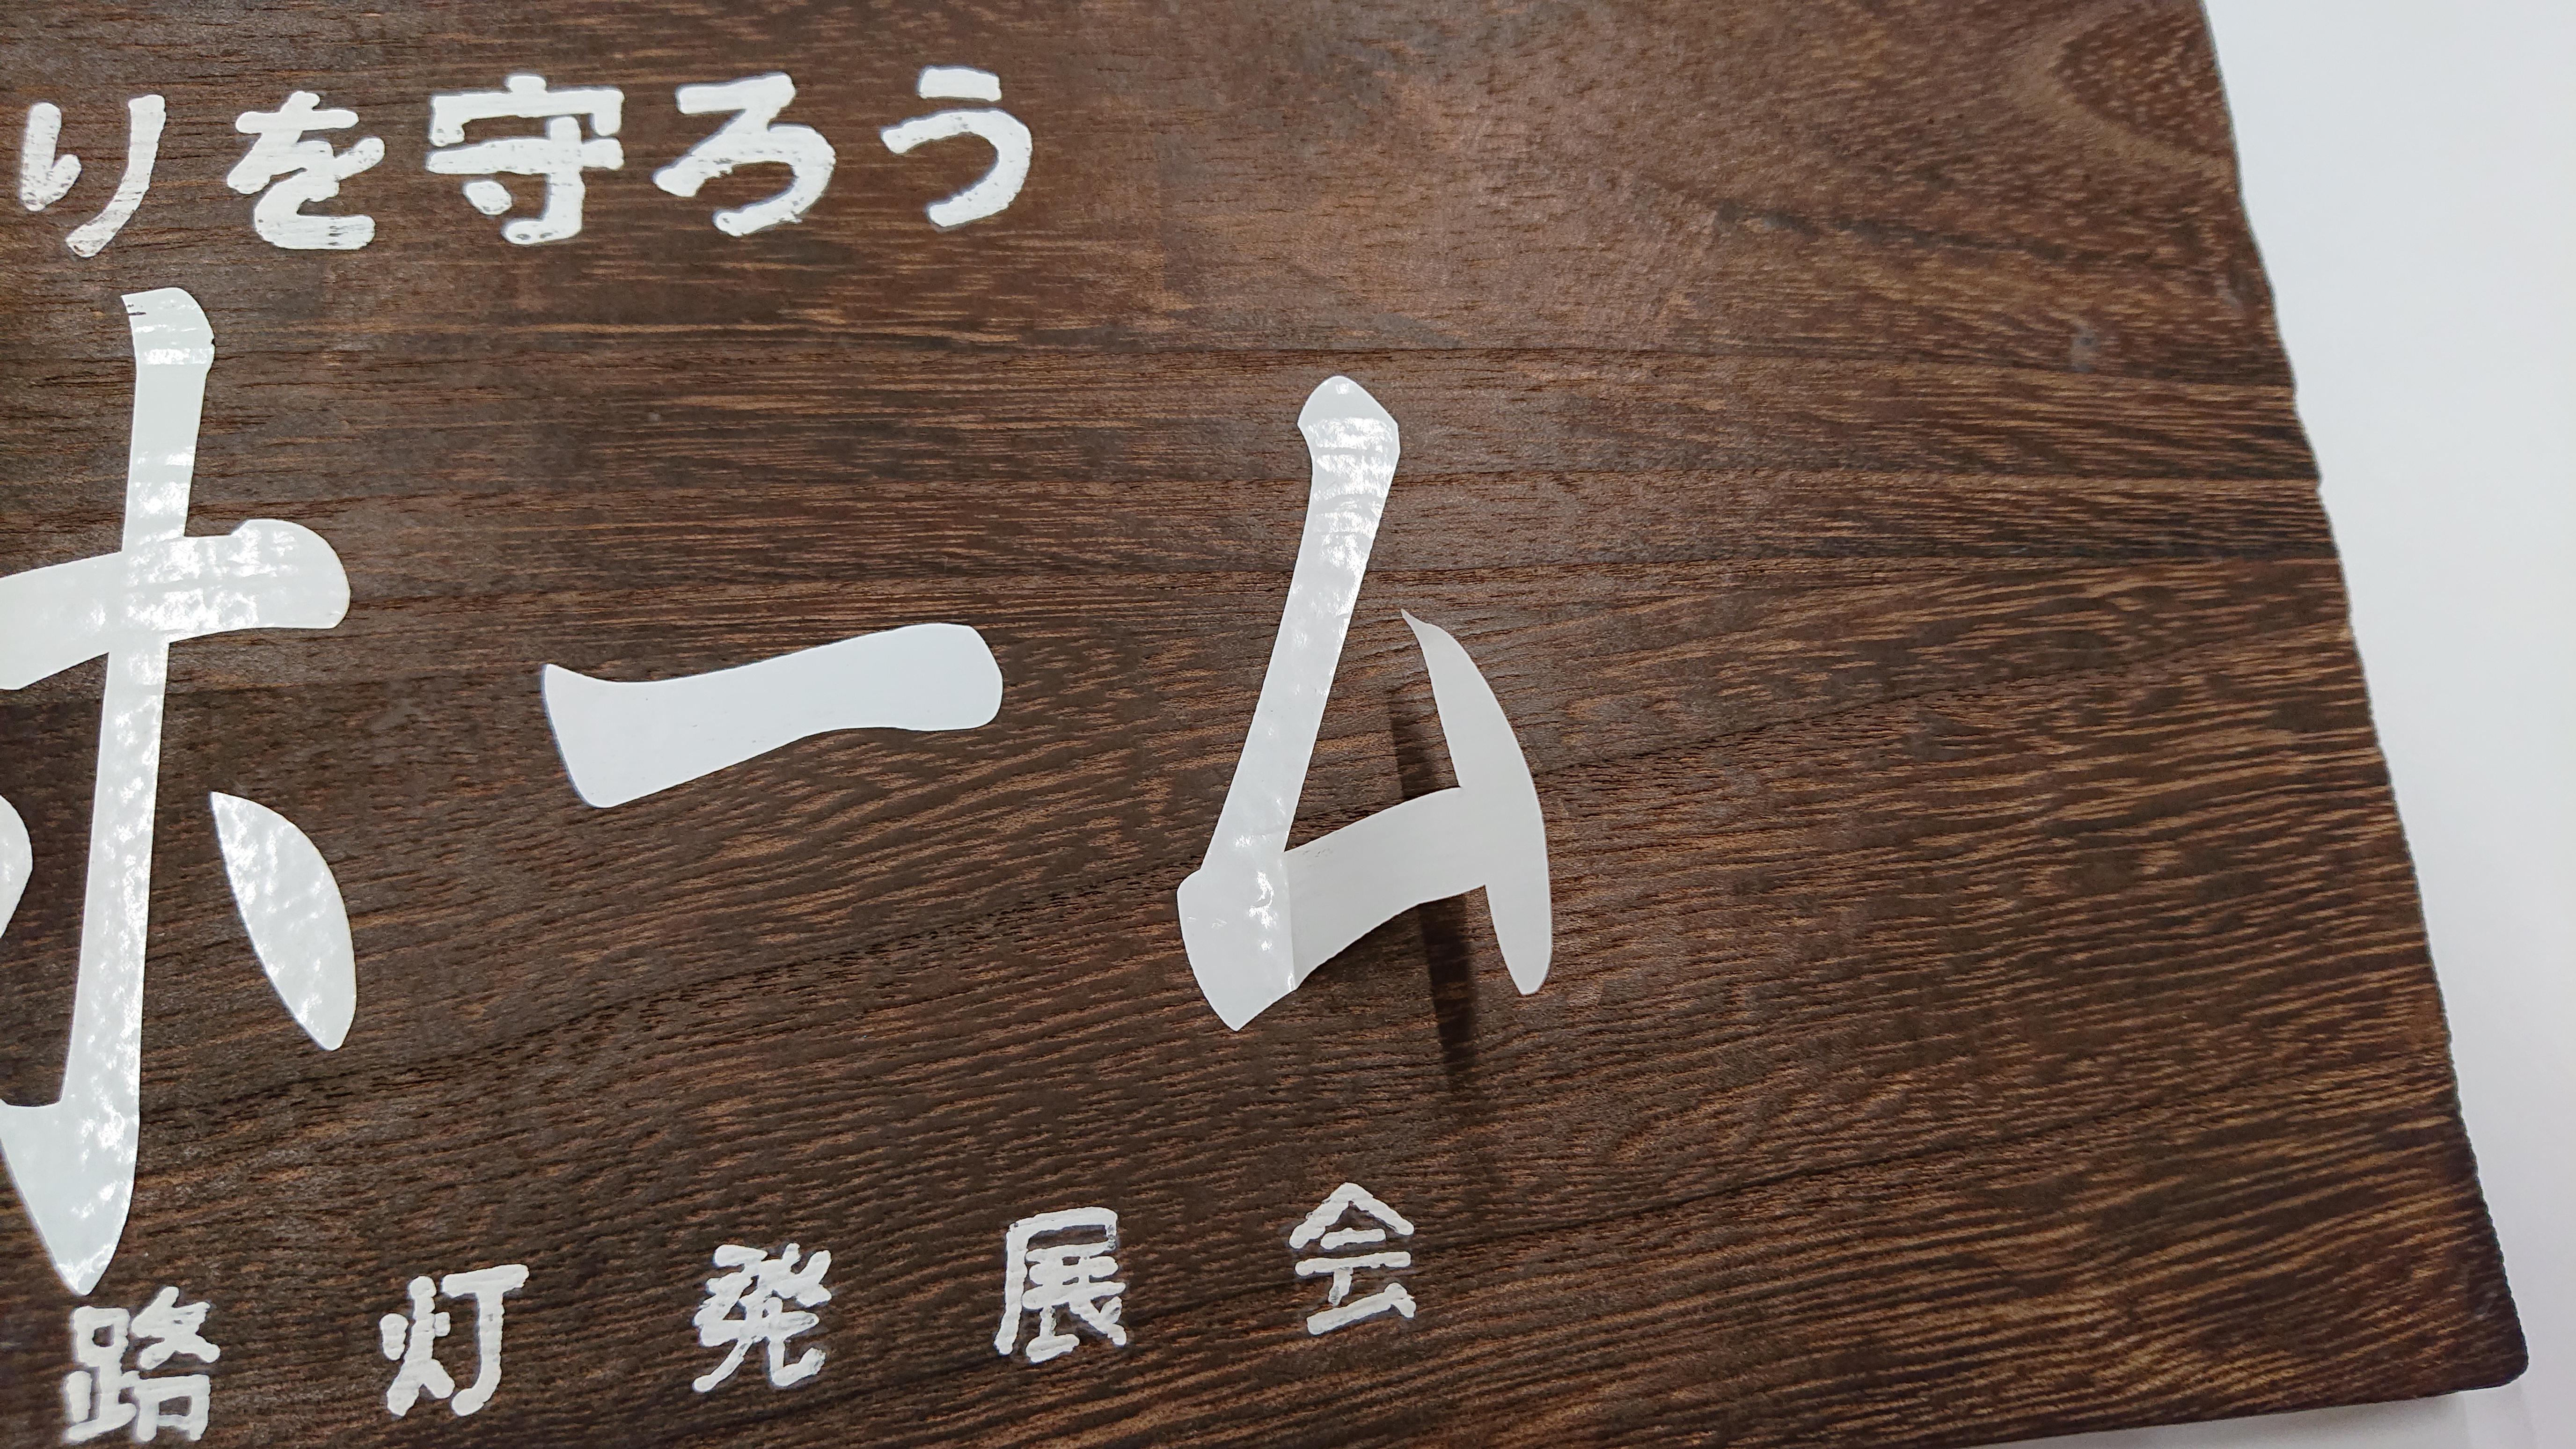 https://lixil-reformshop.jp/shop/SP00000478/photos/DSC_1358.JPG